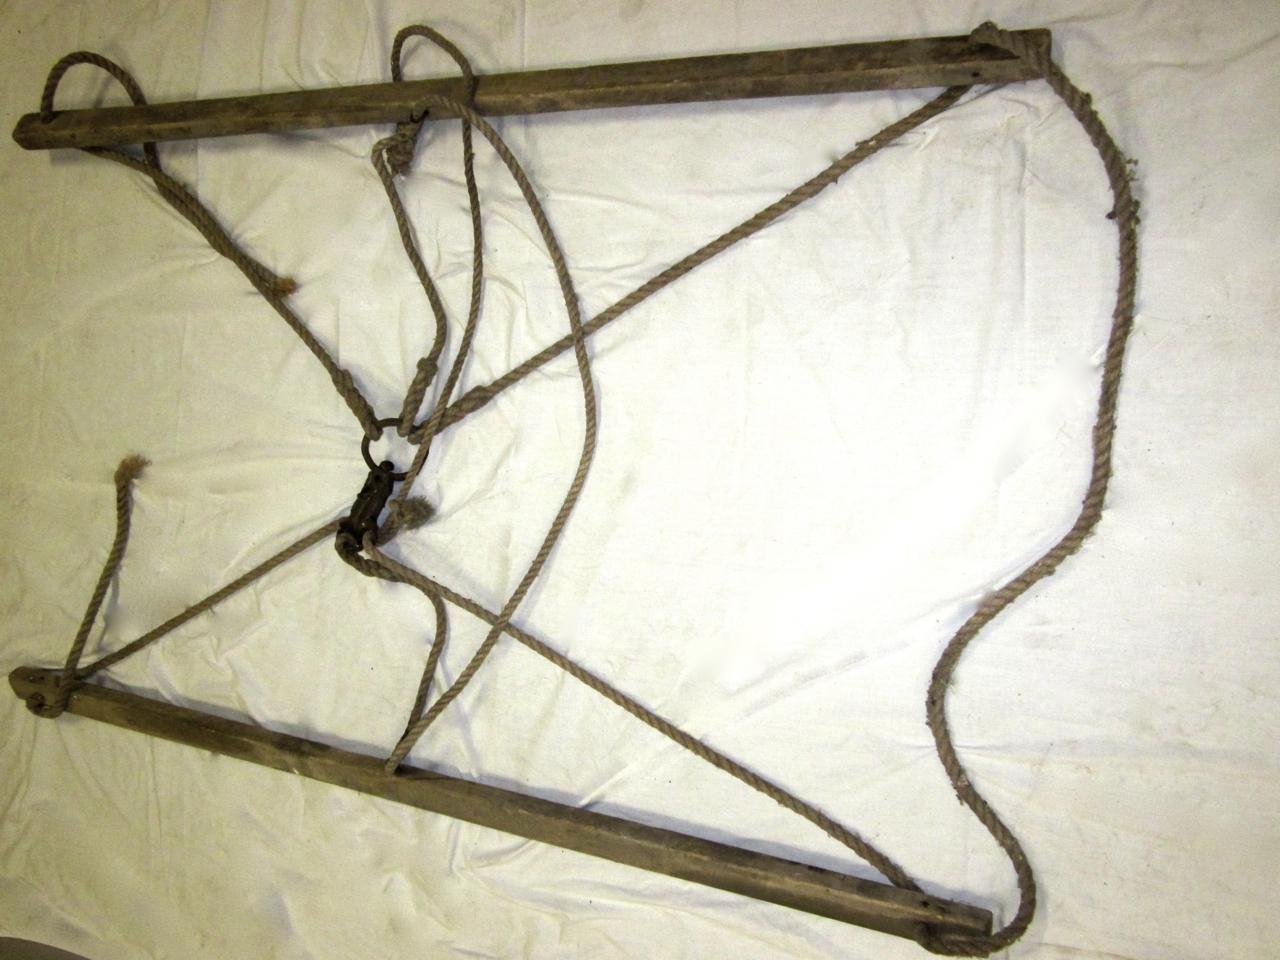 Hay sling